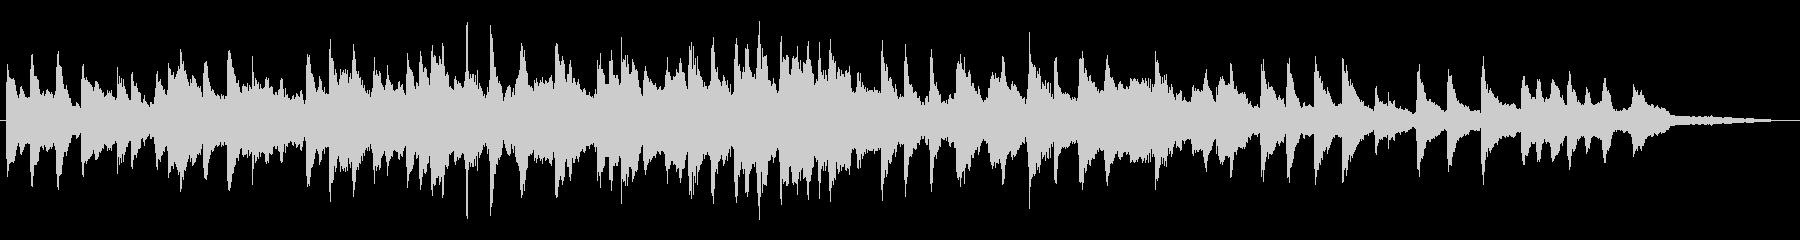 「ふるさと」-しっとり優しげなピアノ演奏の未再生の波形